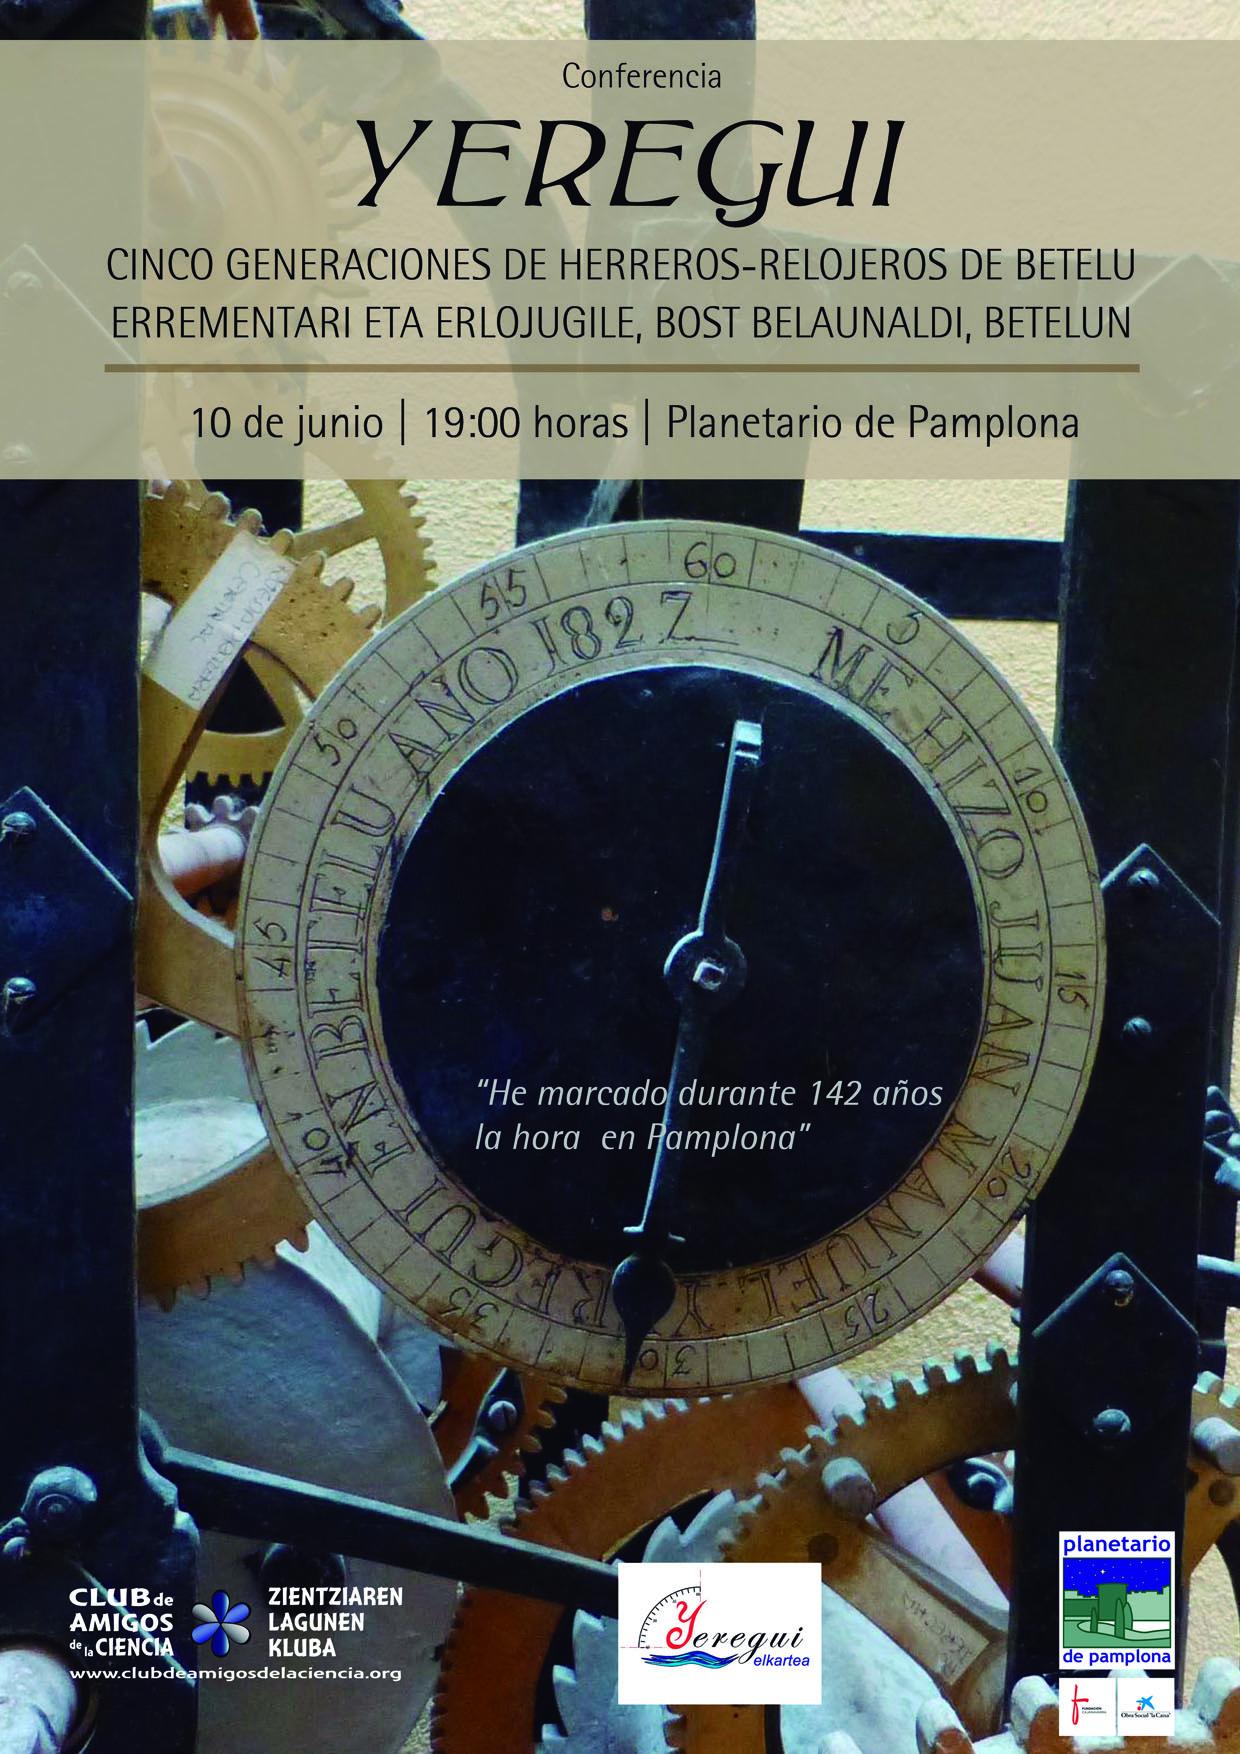 Conferencia: Yeregui, cinco generaciones de herreros-relojeros de Betelu, 10 de junio, 19 h., Planetario de Pamplona